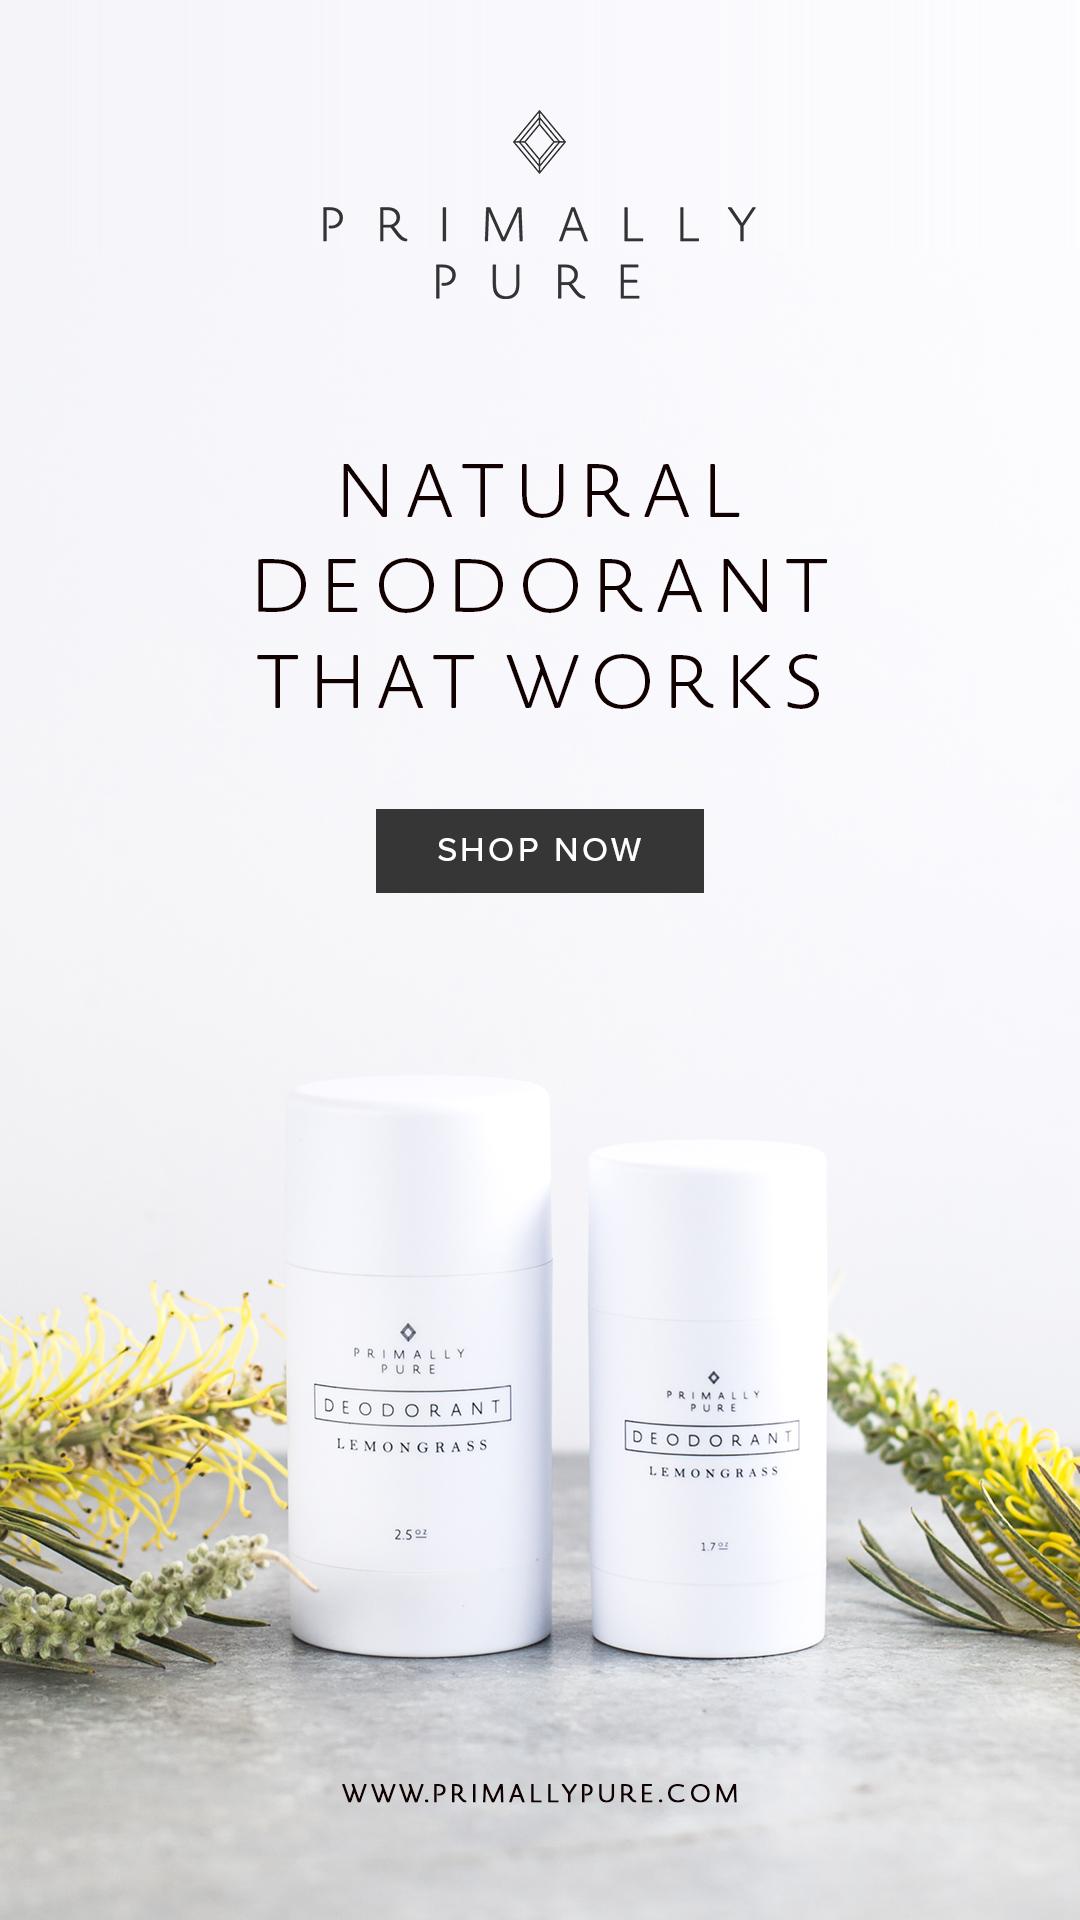 Primally Pure Deodorant  (use code: hitenutrition10 for 10% off)